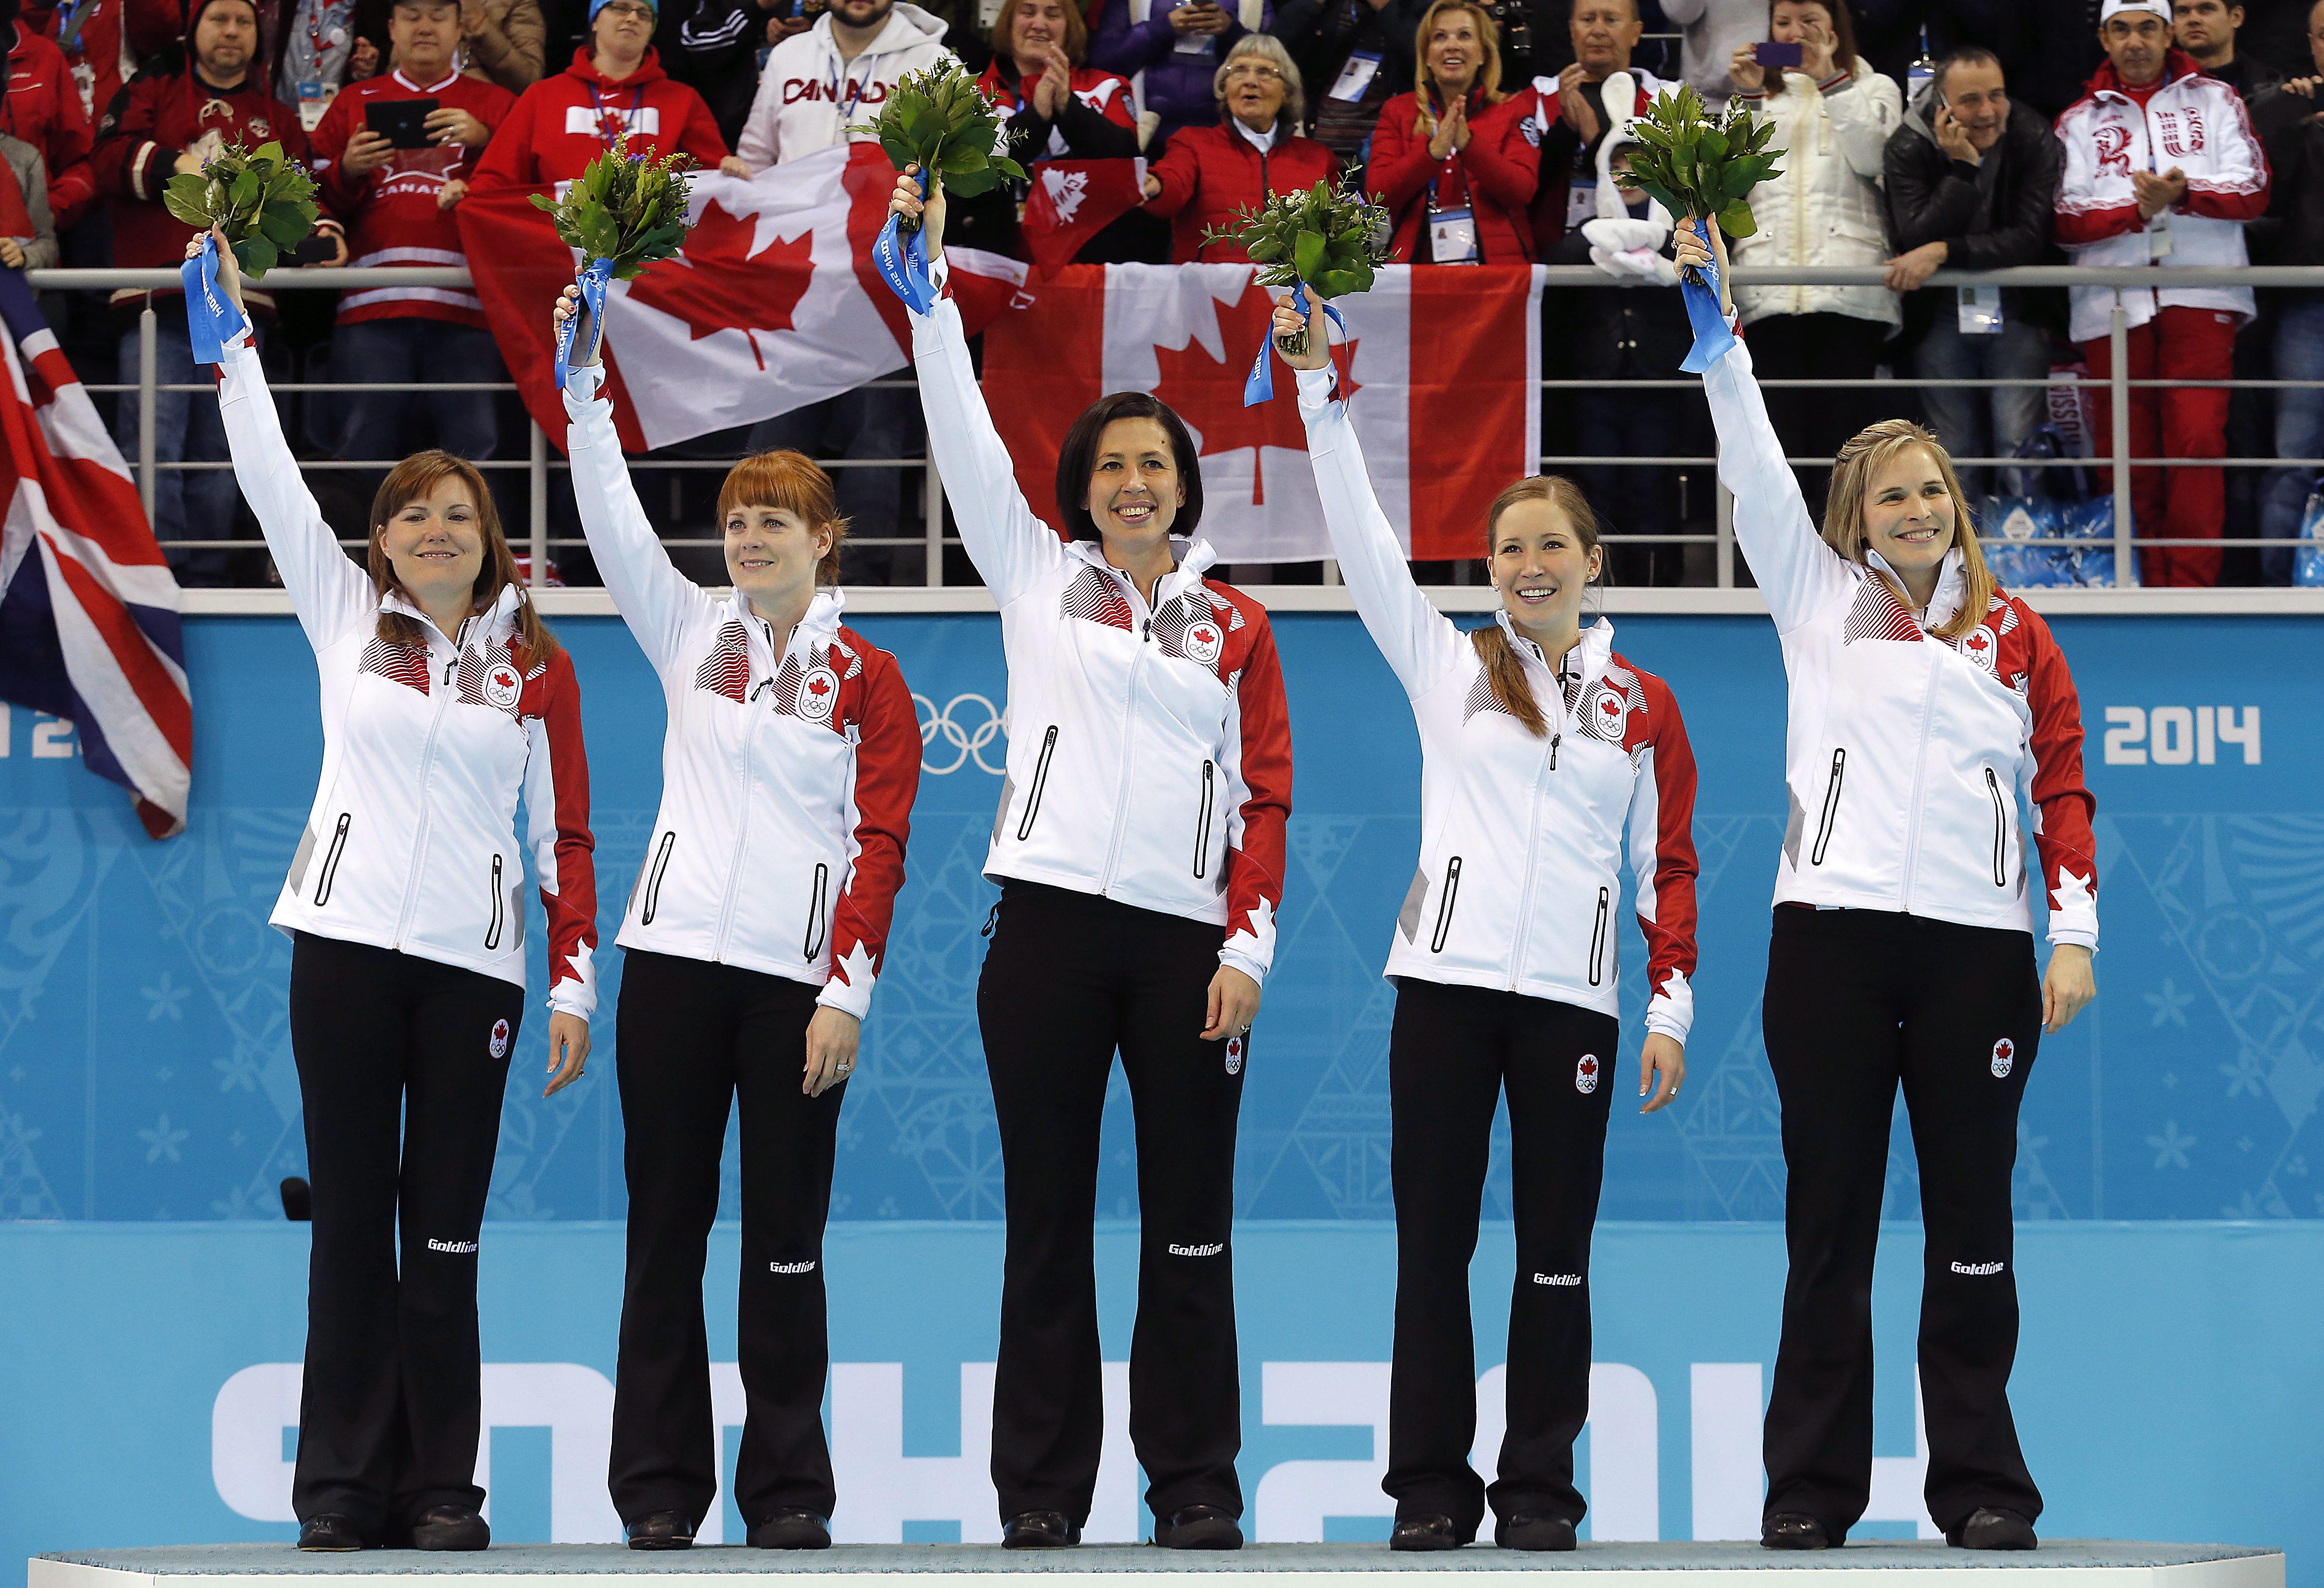 Des athlètes sur un podium